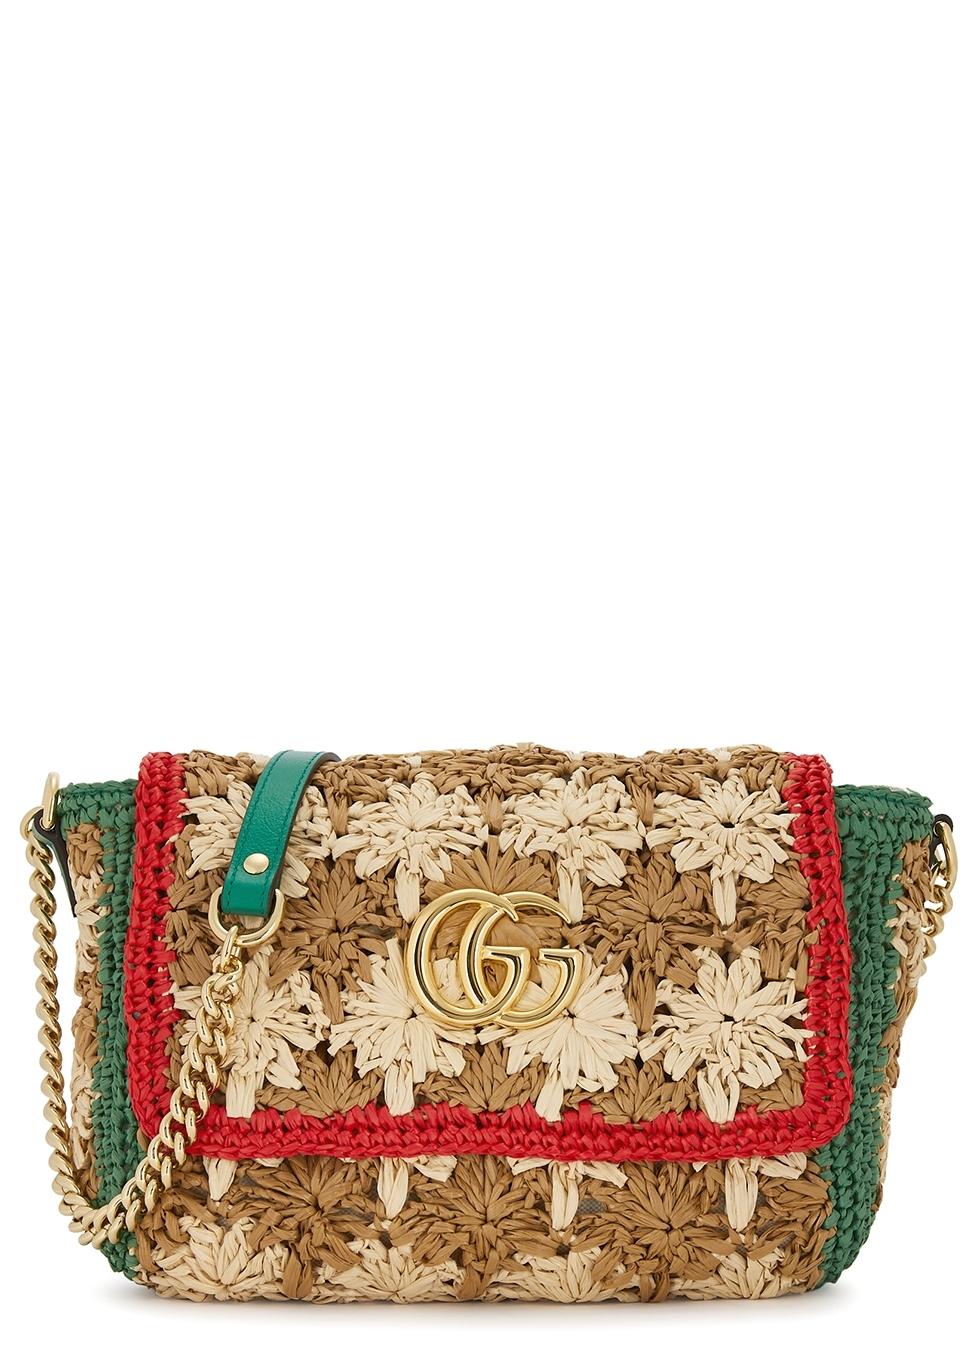 0ef9d4a4f62bca Gucci Handbags - Harvey Nichols